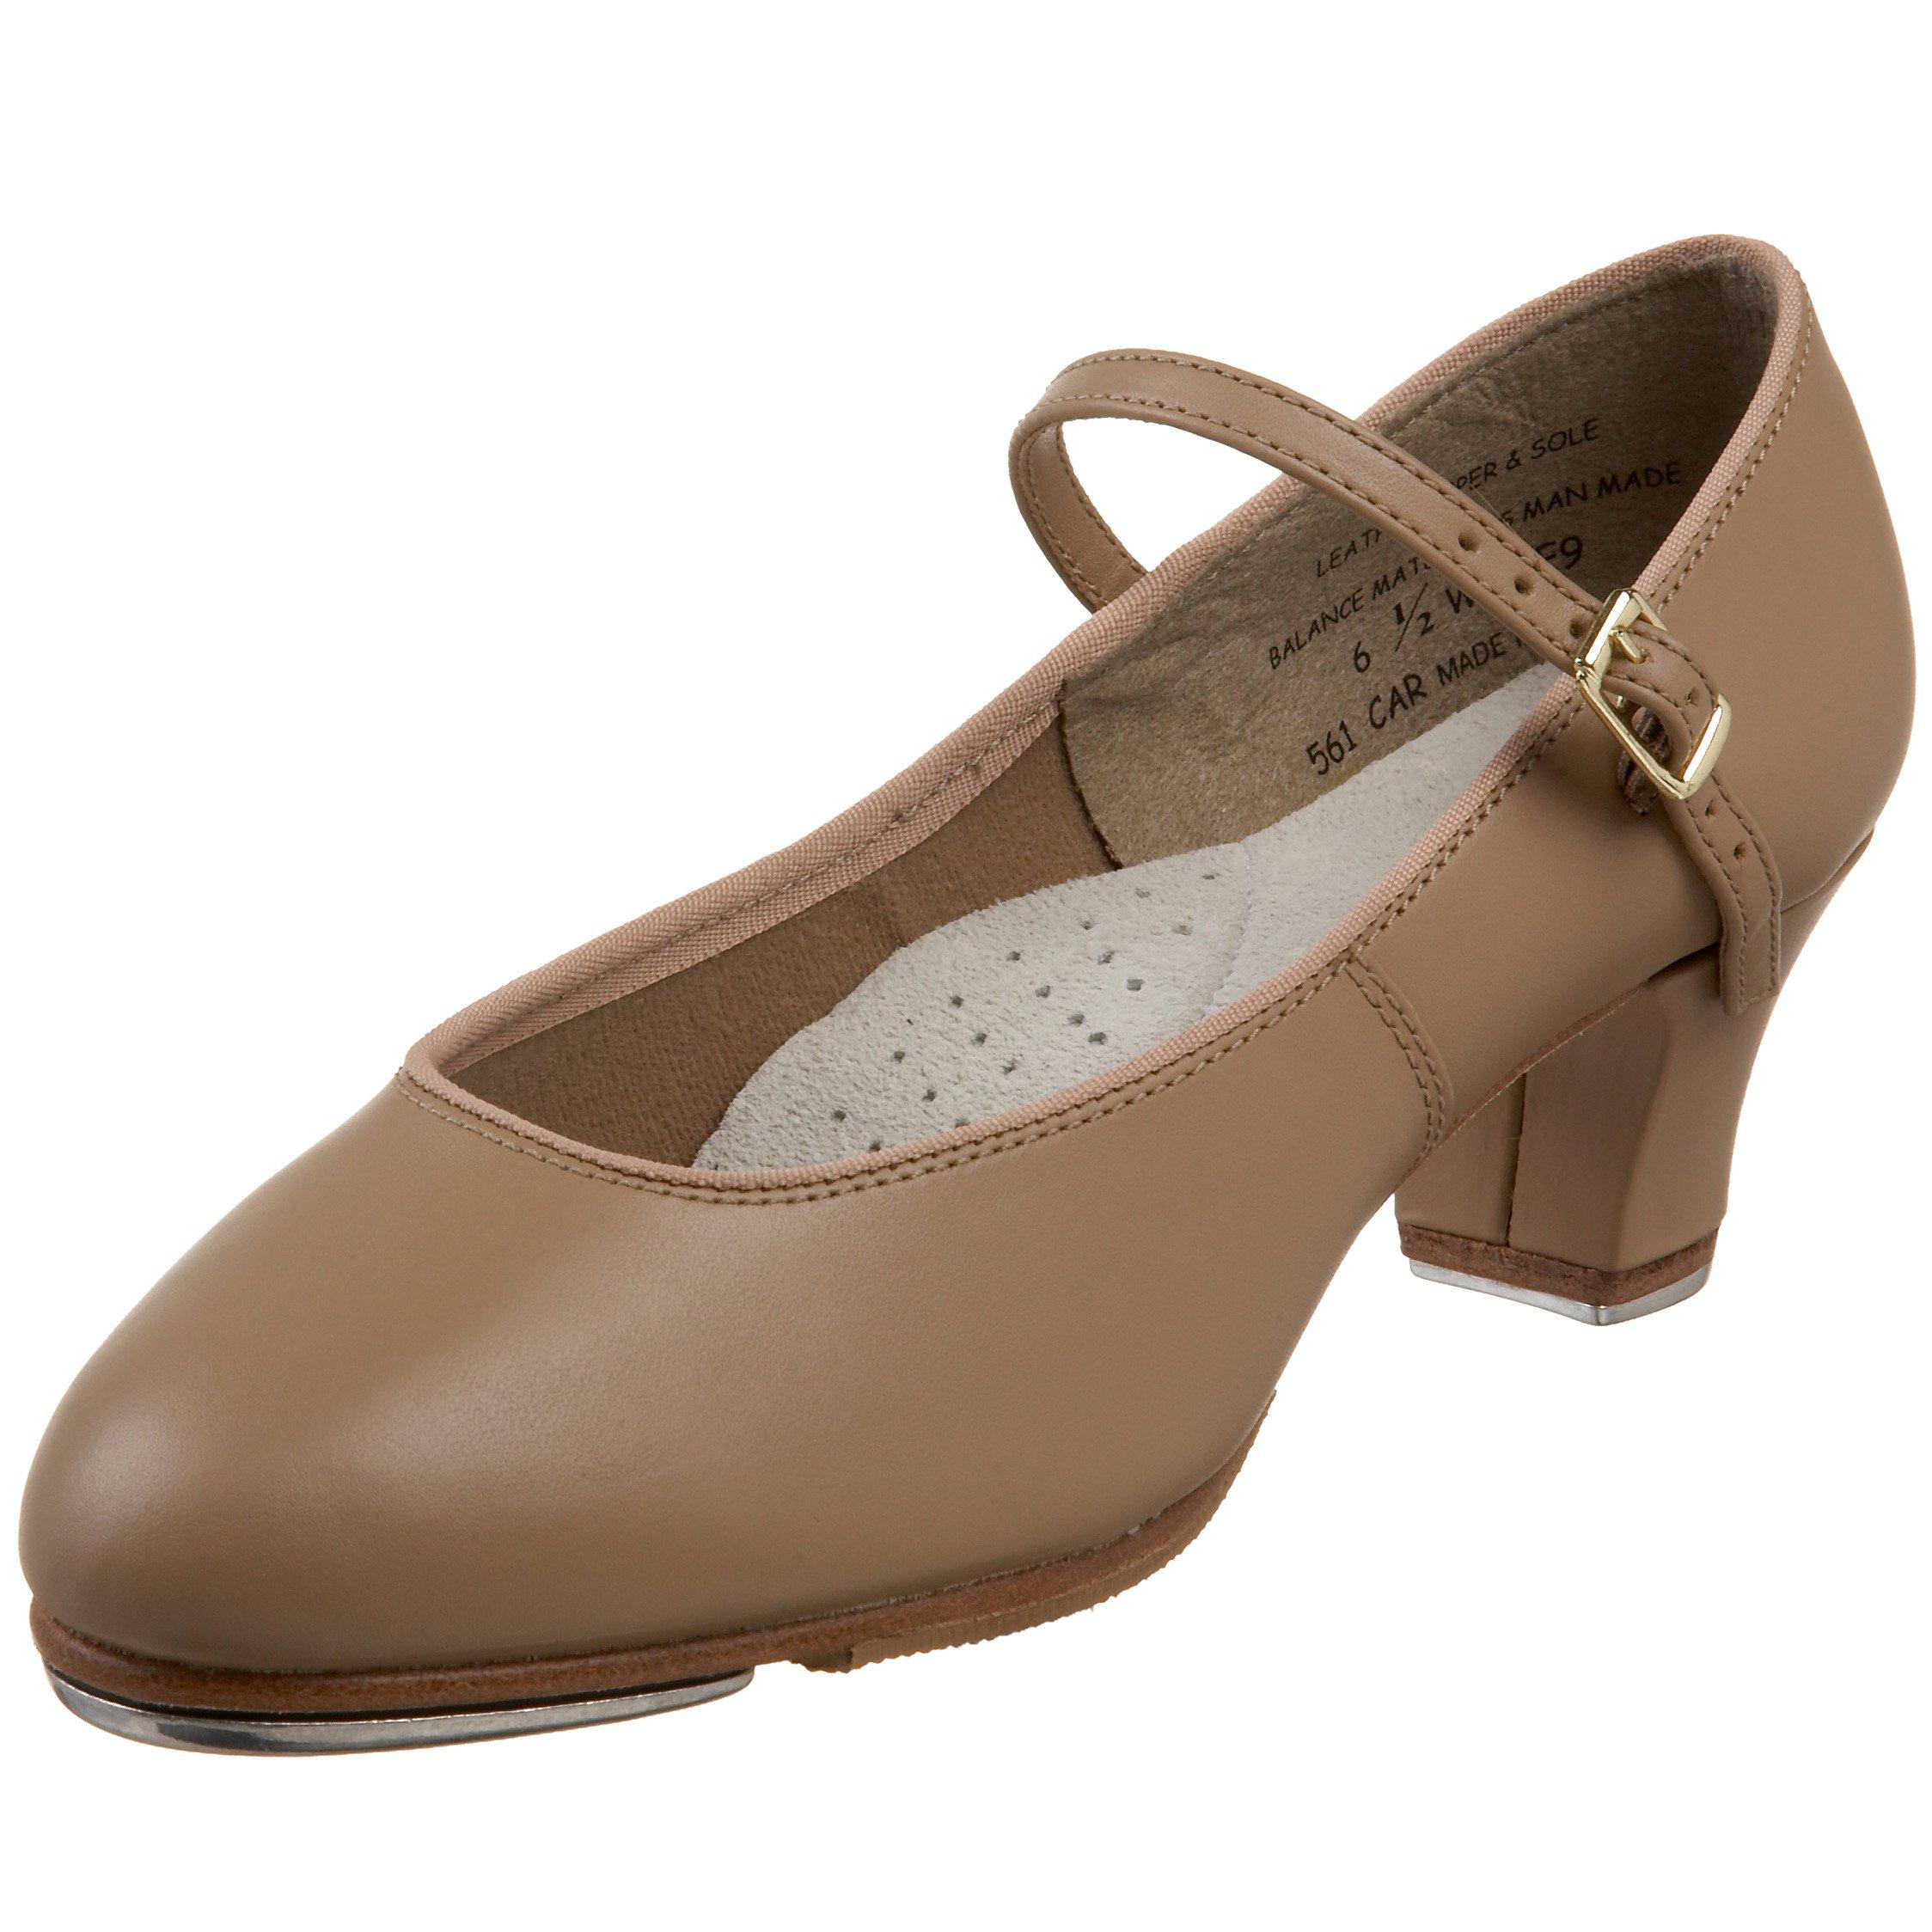 Capezio Women's Tap Jr. Footlight Tap Shoe,Caramel,9 M US by Capezio